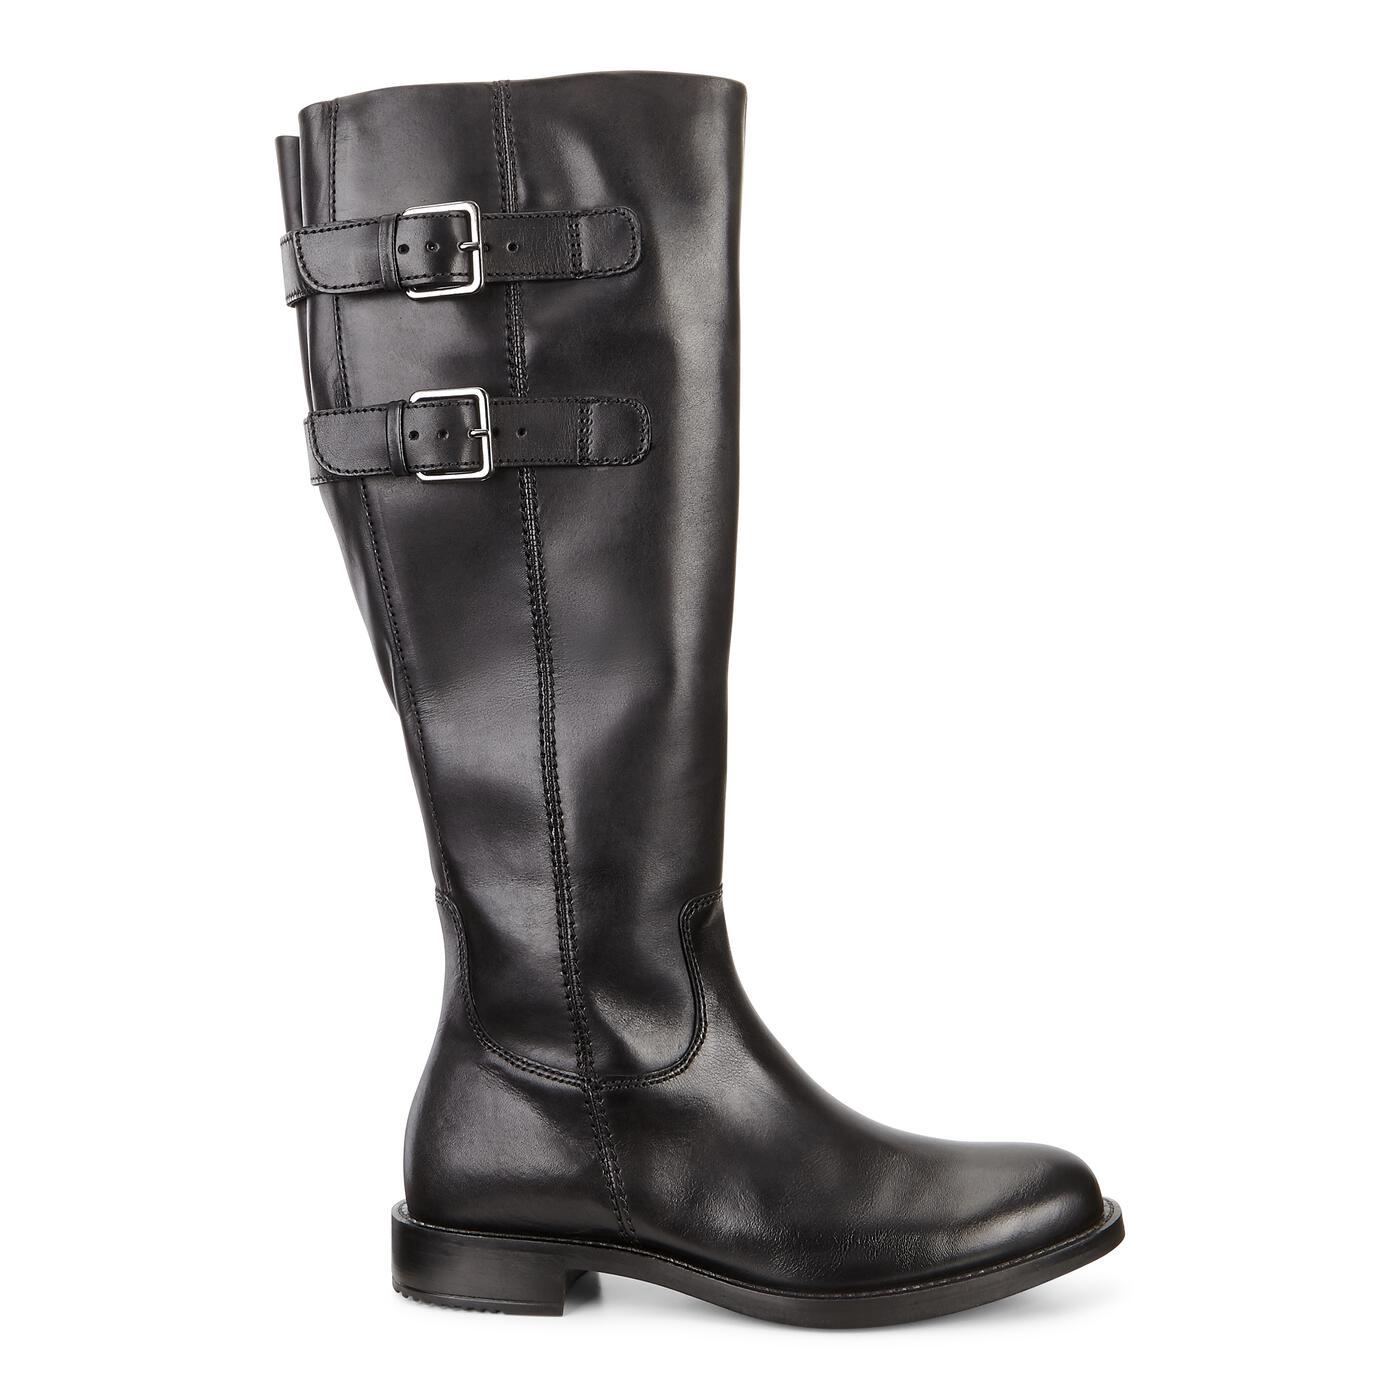 ECCO Sartorelle 25 Tall Women's Buckle Boot